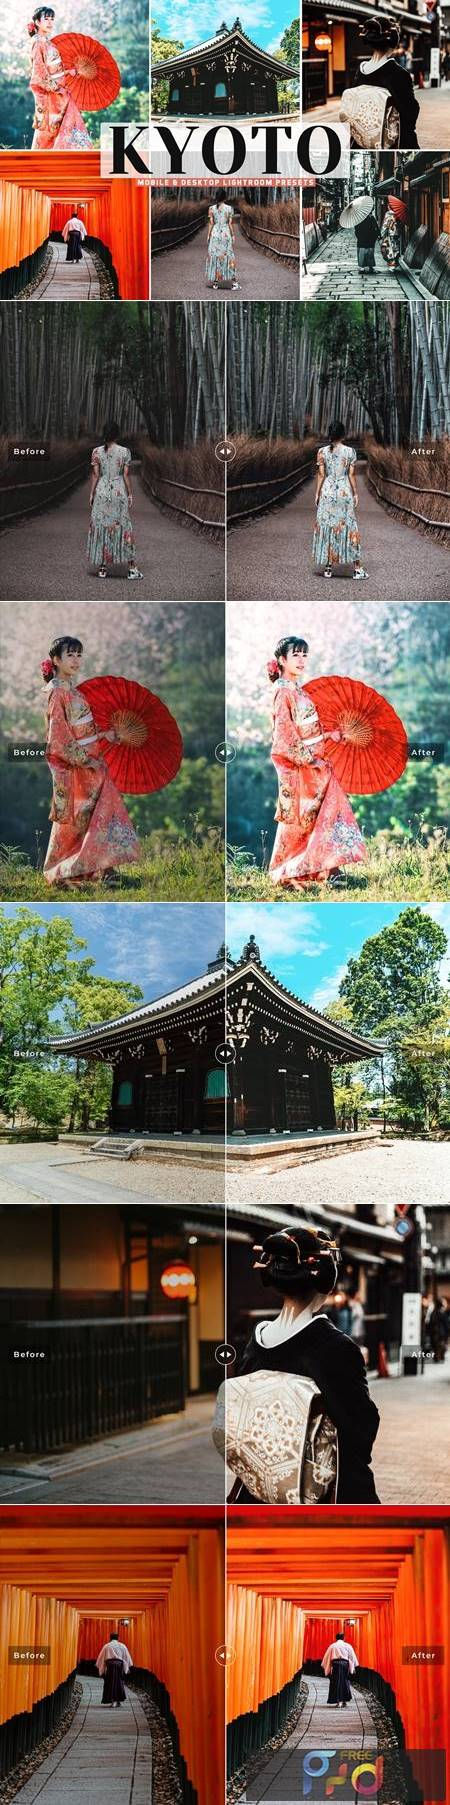 Kyoto Mobile & Desktop Lightroom Presets FJD847Q 1